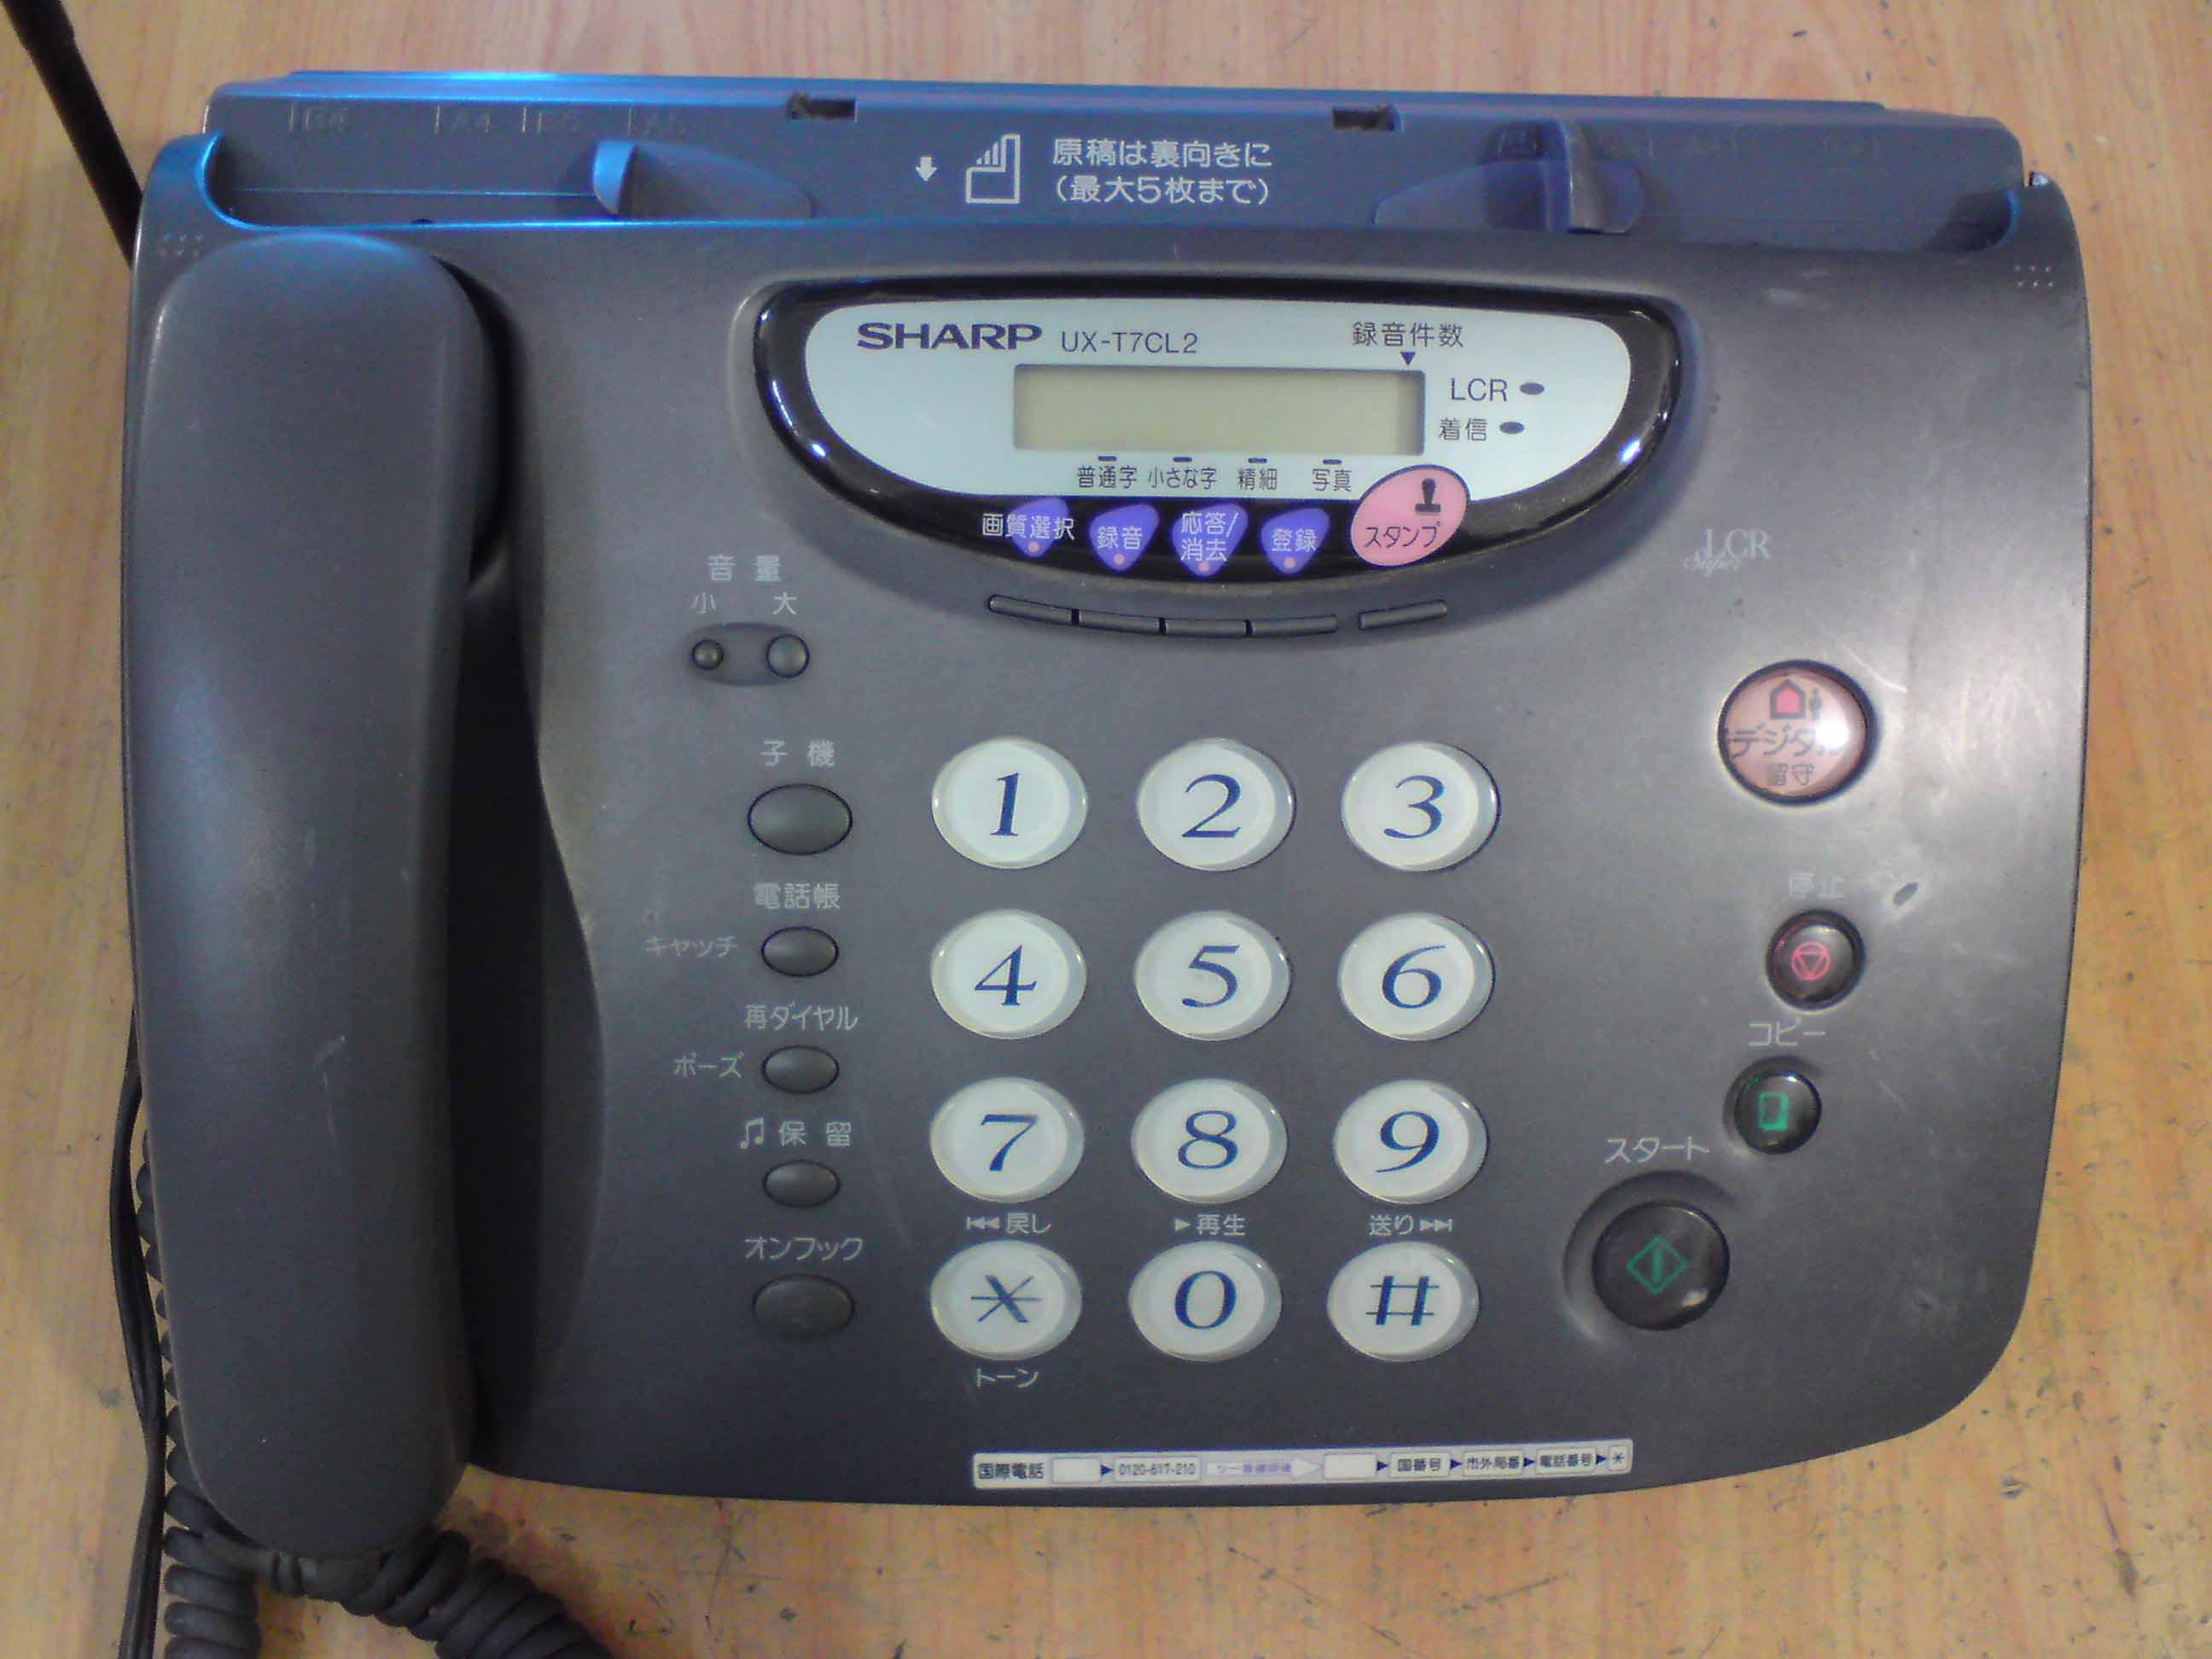 قیمت تلفن فکس دار